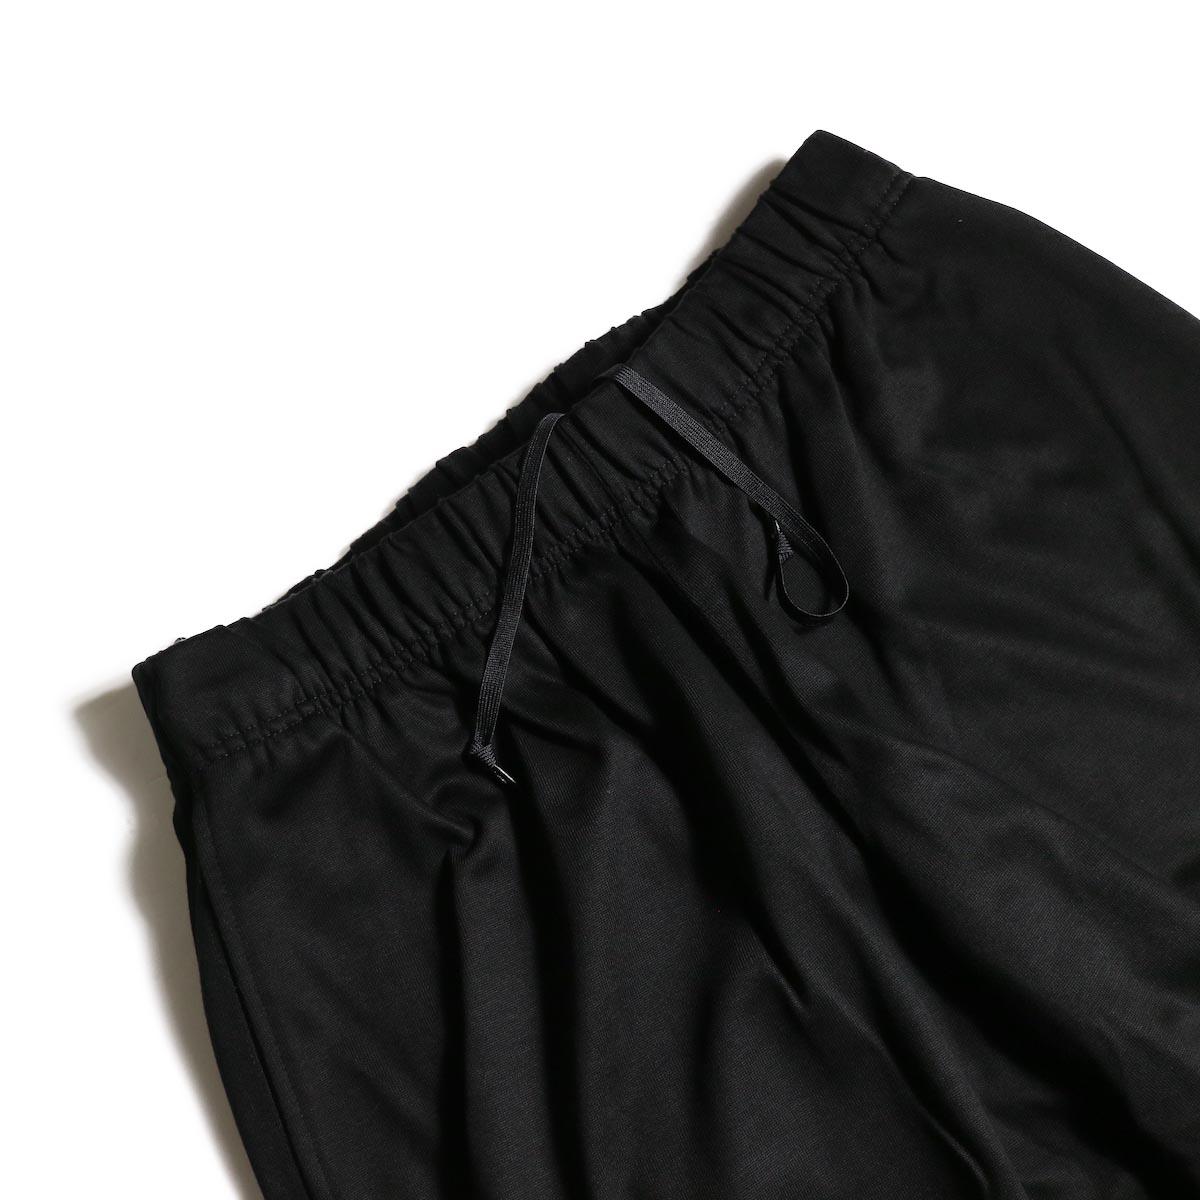 N.HOOLYWOOD / 1202-CP05-034  Wide Easy Pants (Black)ウエスト